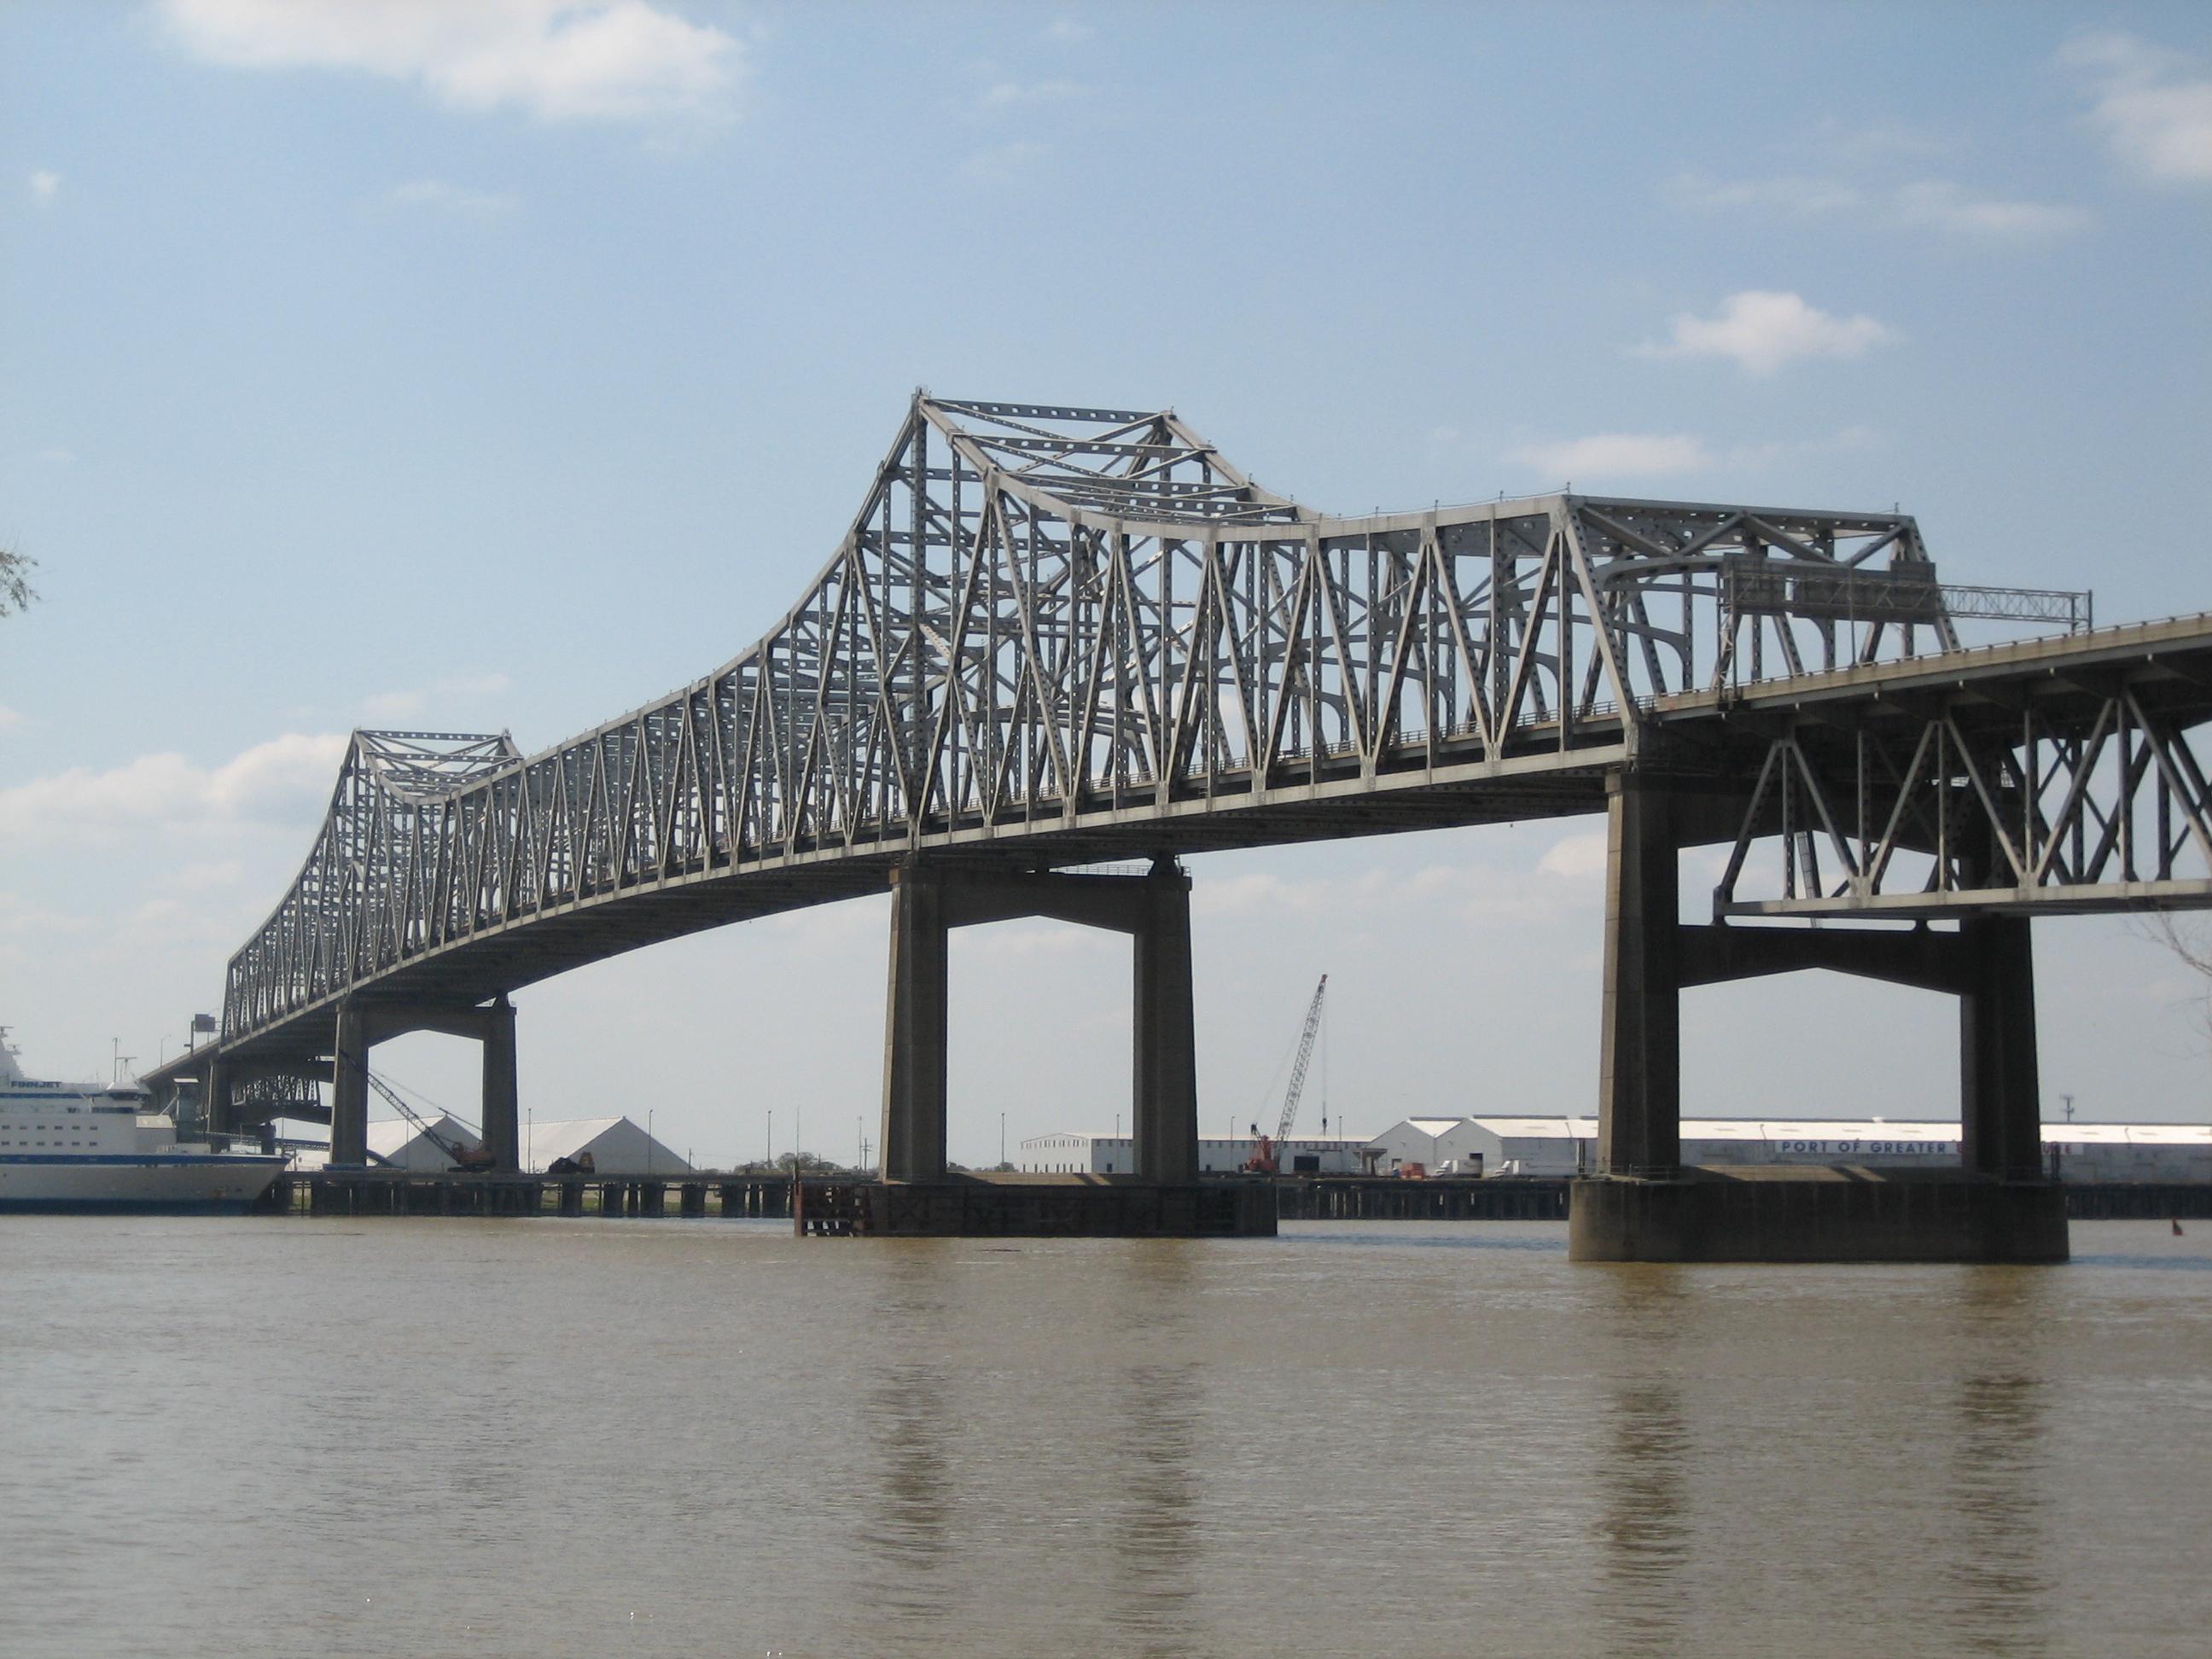 Horace Wilkinson Bridge - Wikipedia